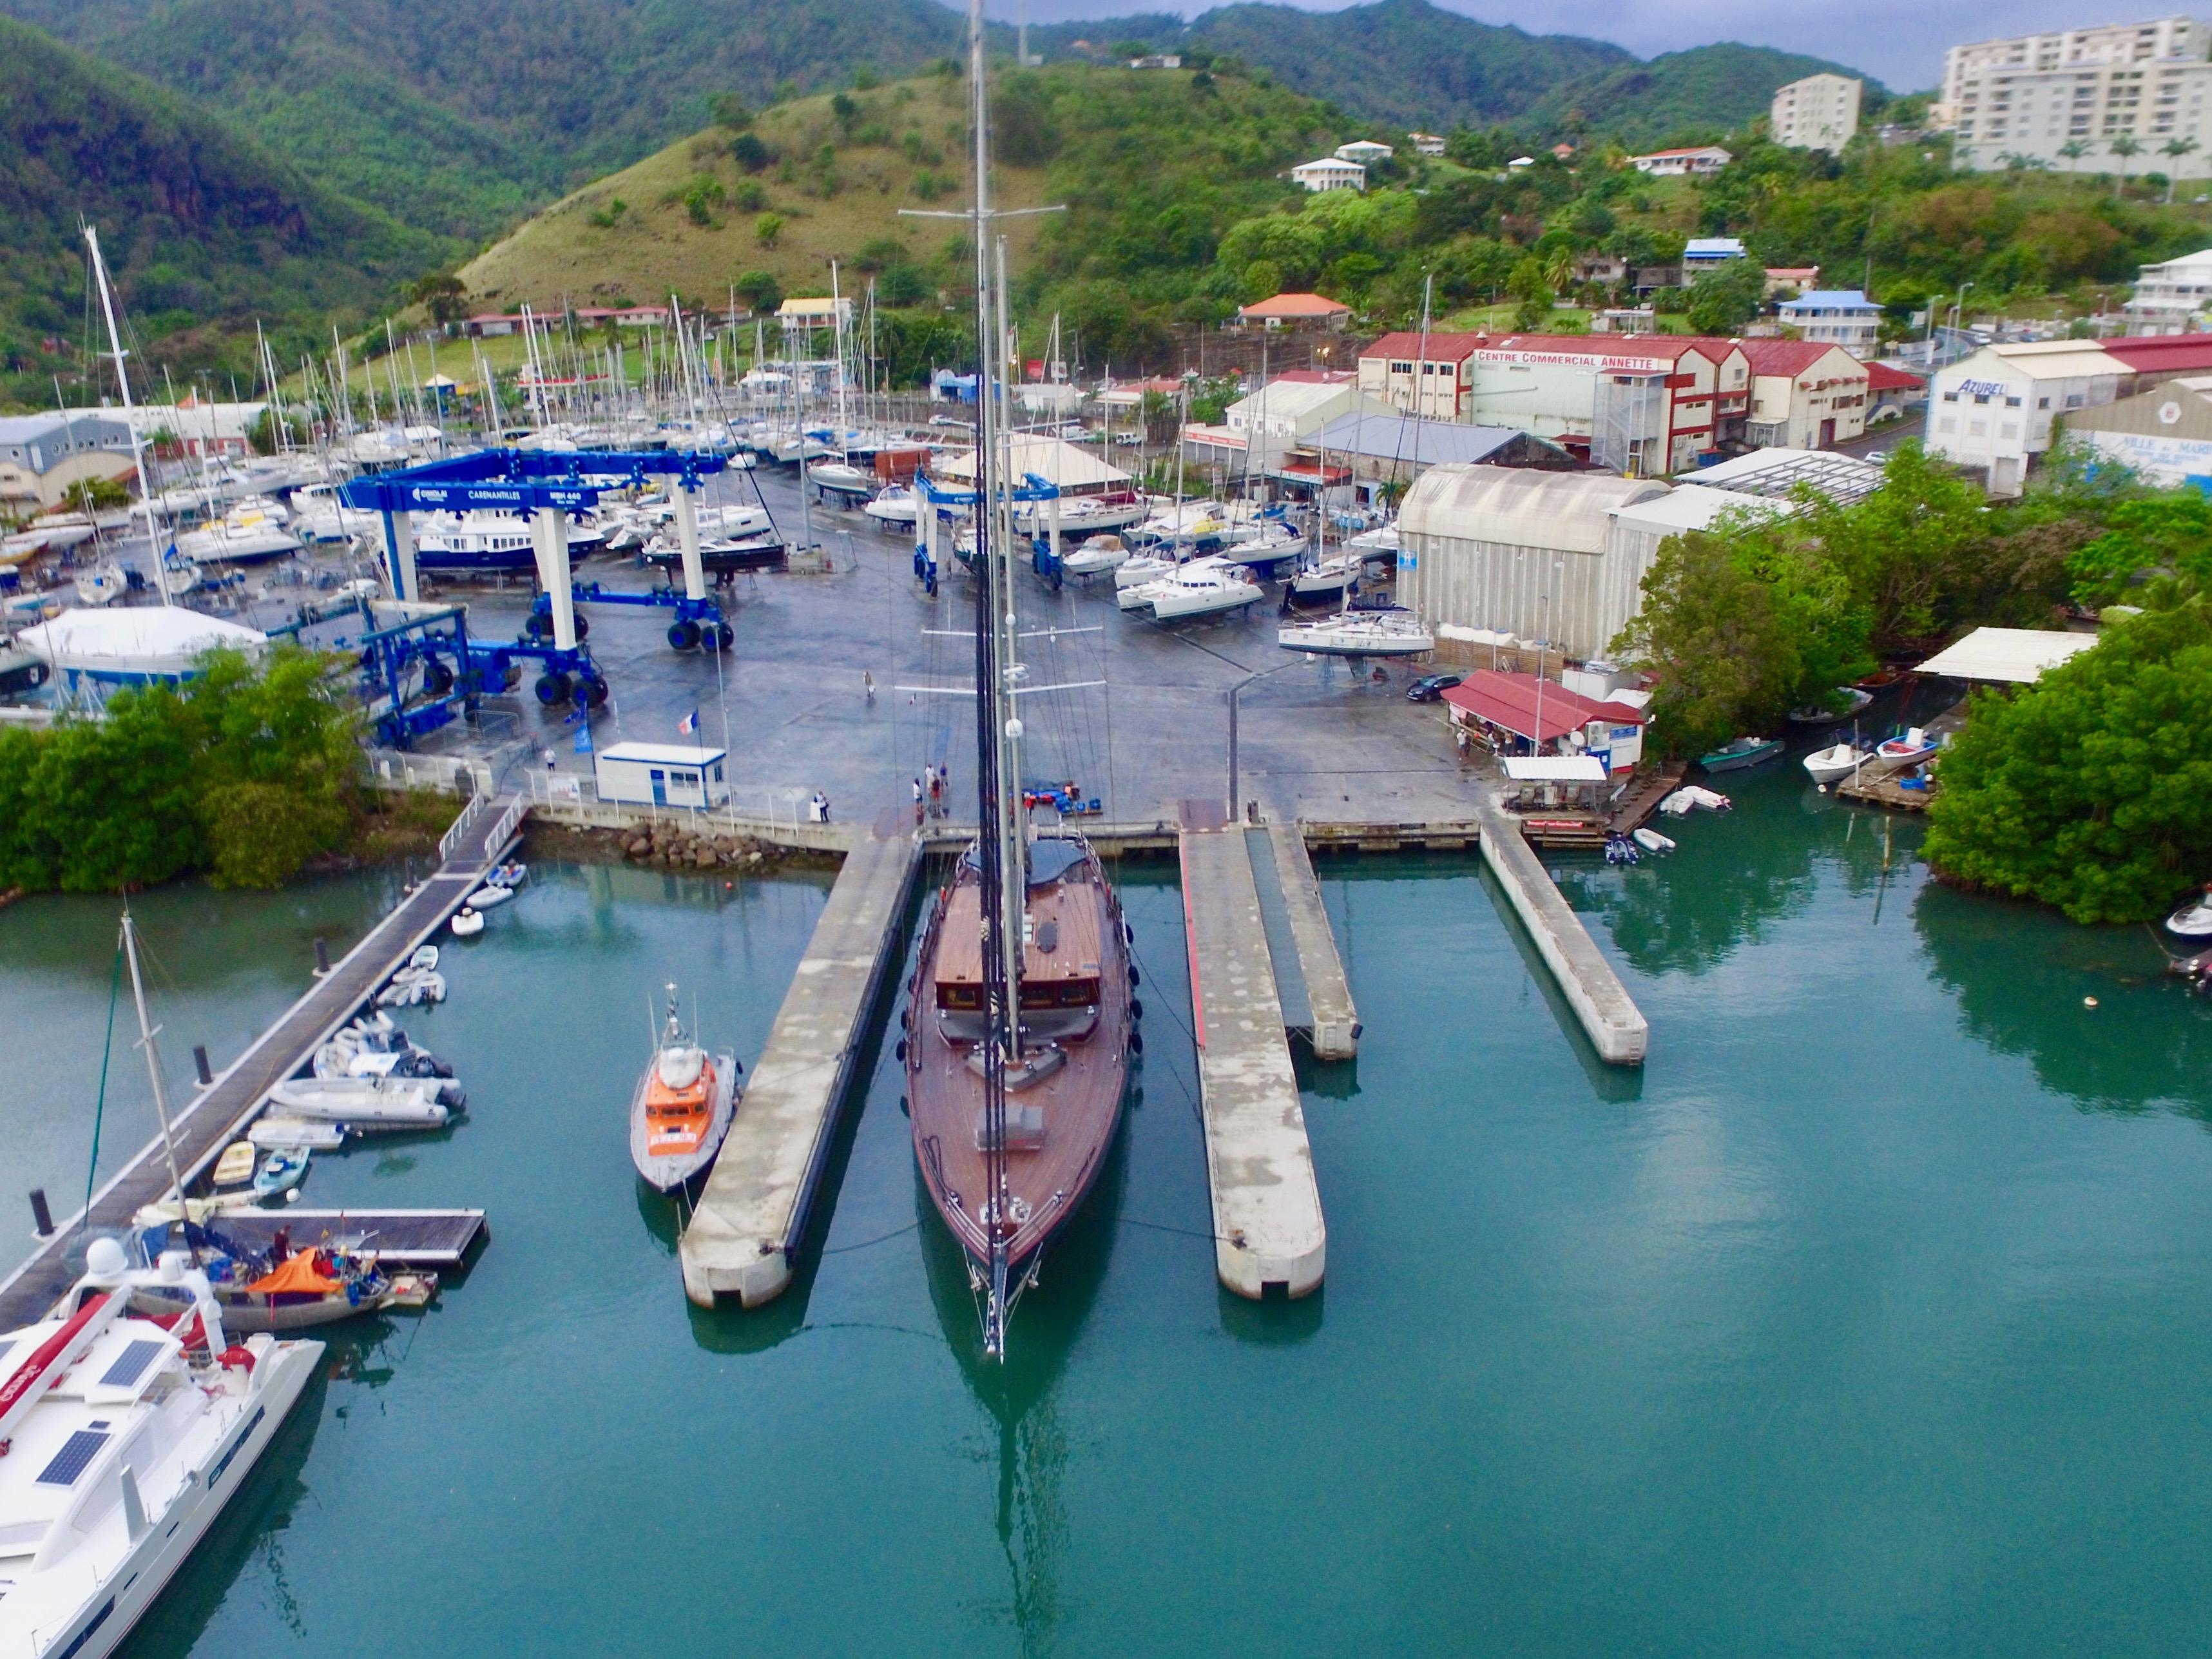 Carenantilles Shipyard